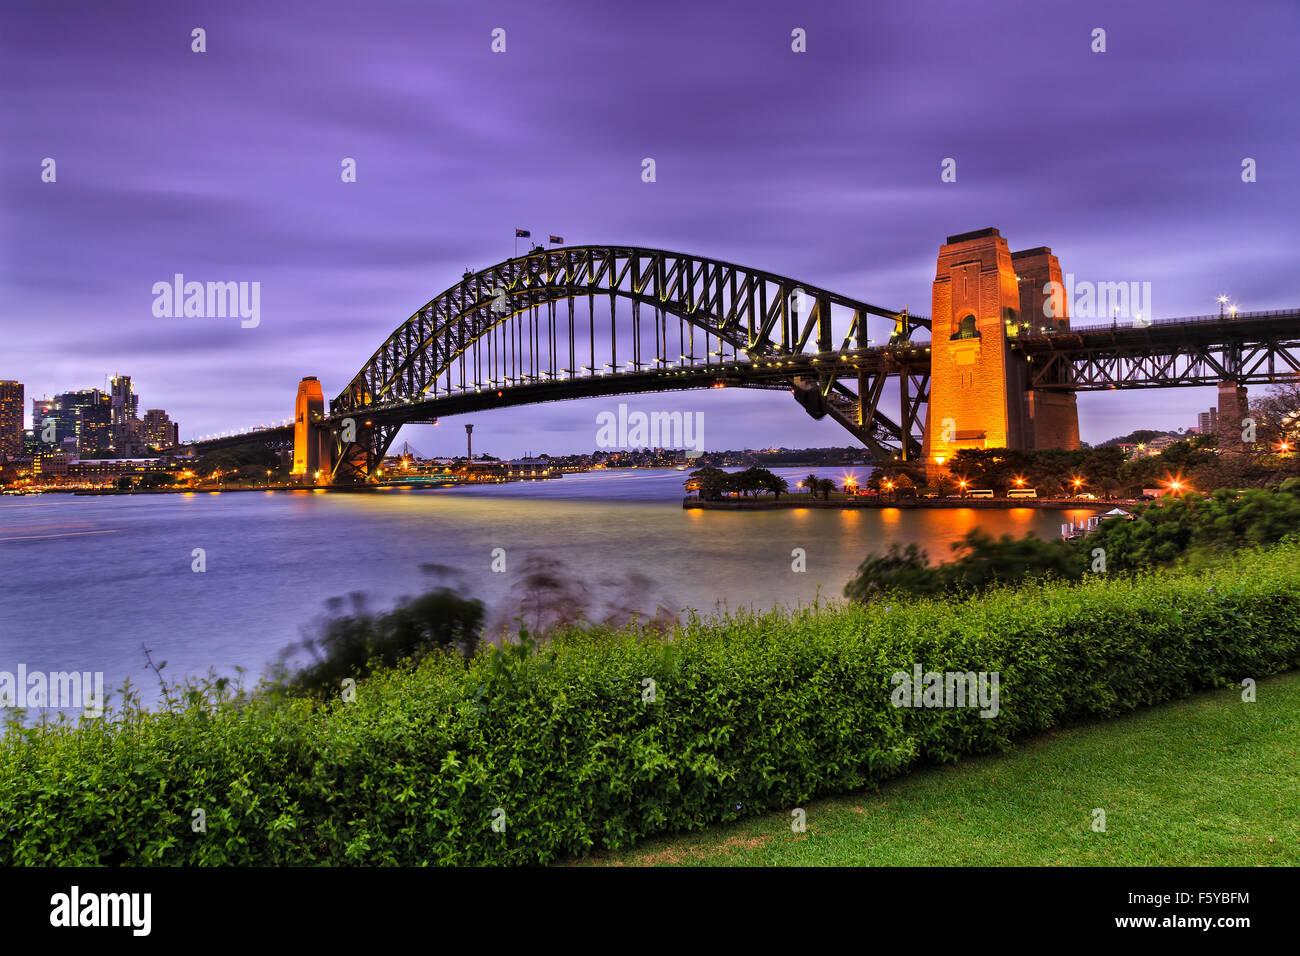 Vue latérale du célèbre pont de Sydney au coucher du soleil avec allumage du vert au parc de loisirs Photo Stock